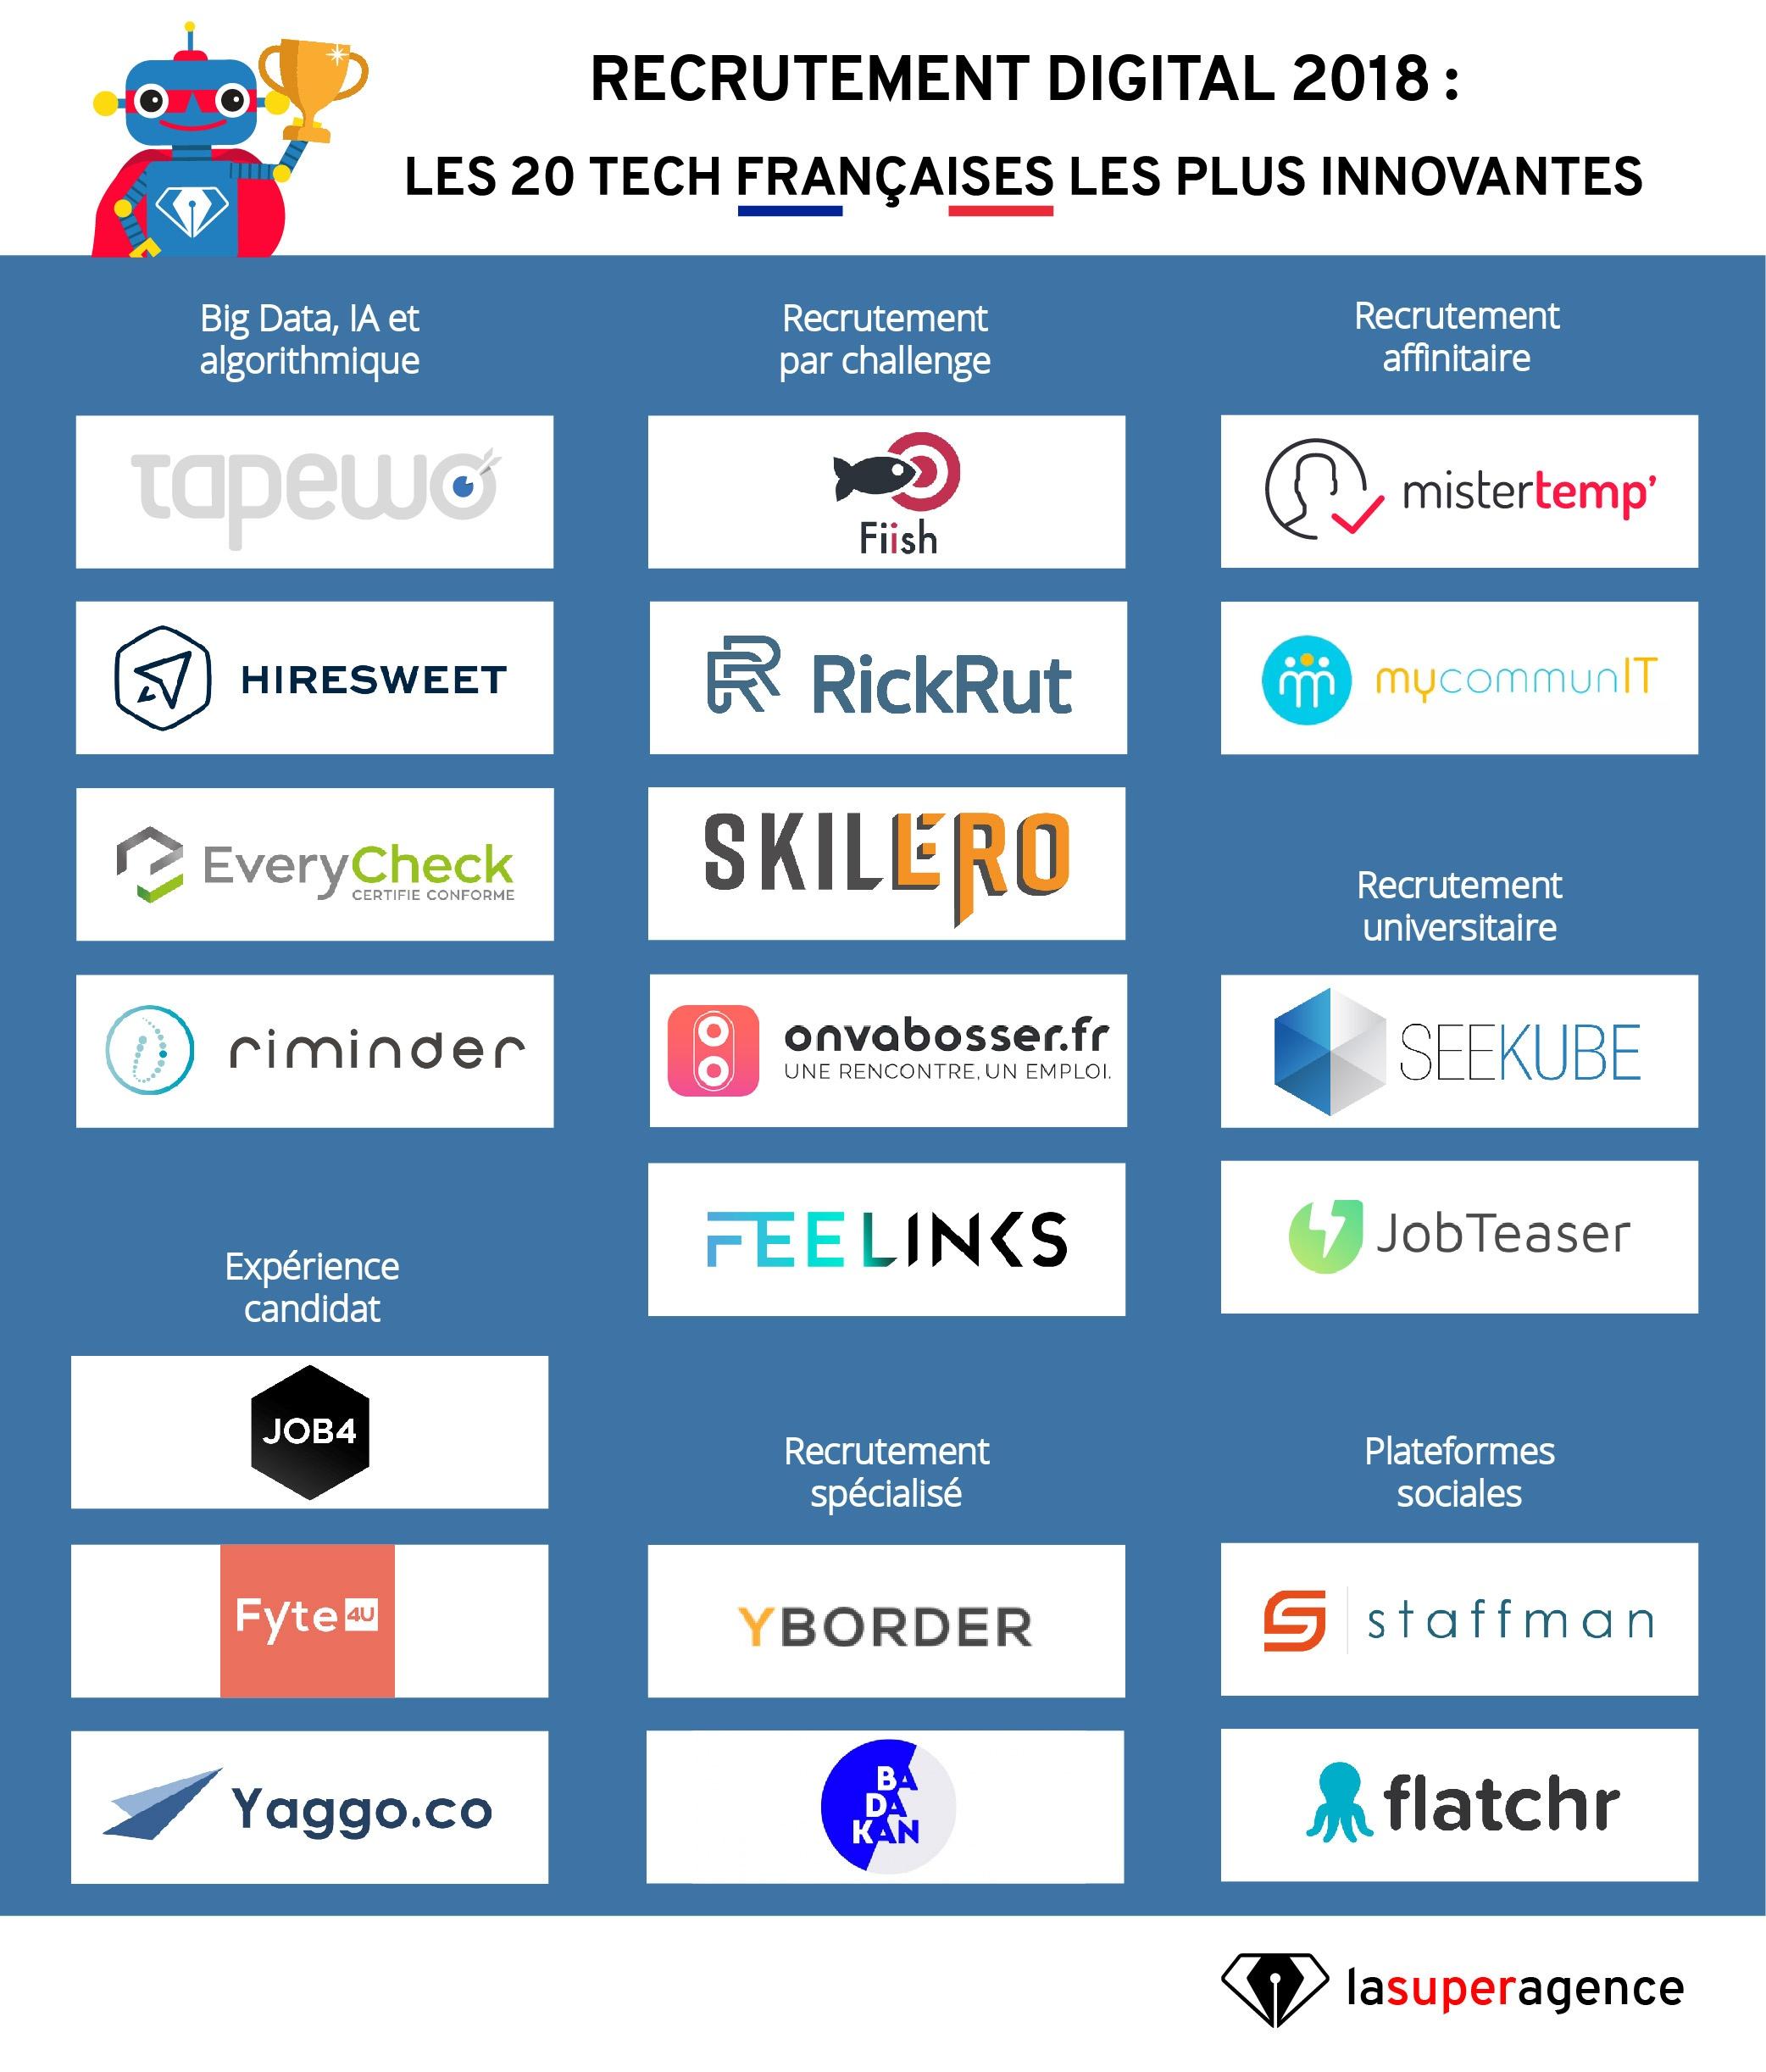 Recrutement digital 2018 : les 20 tech françaises les plus innovantes